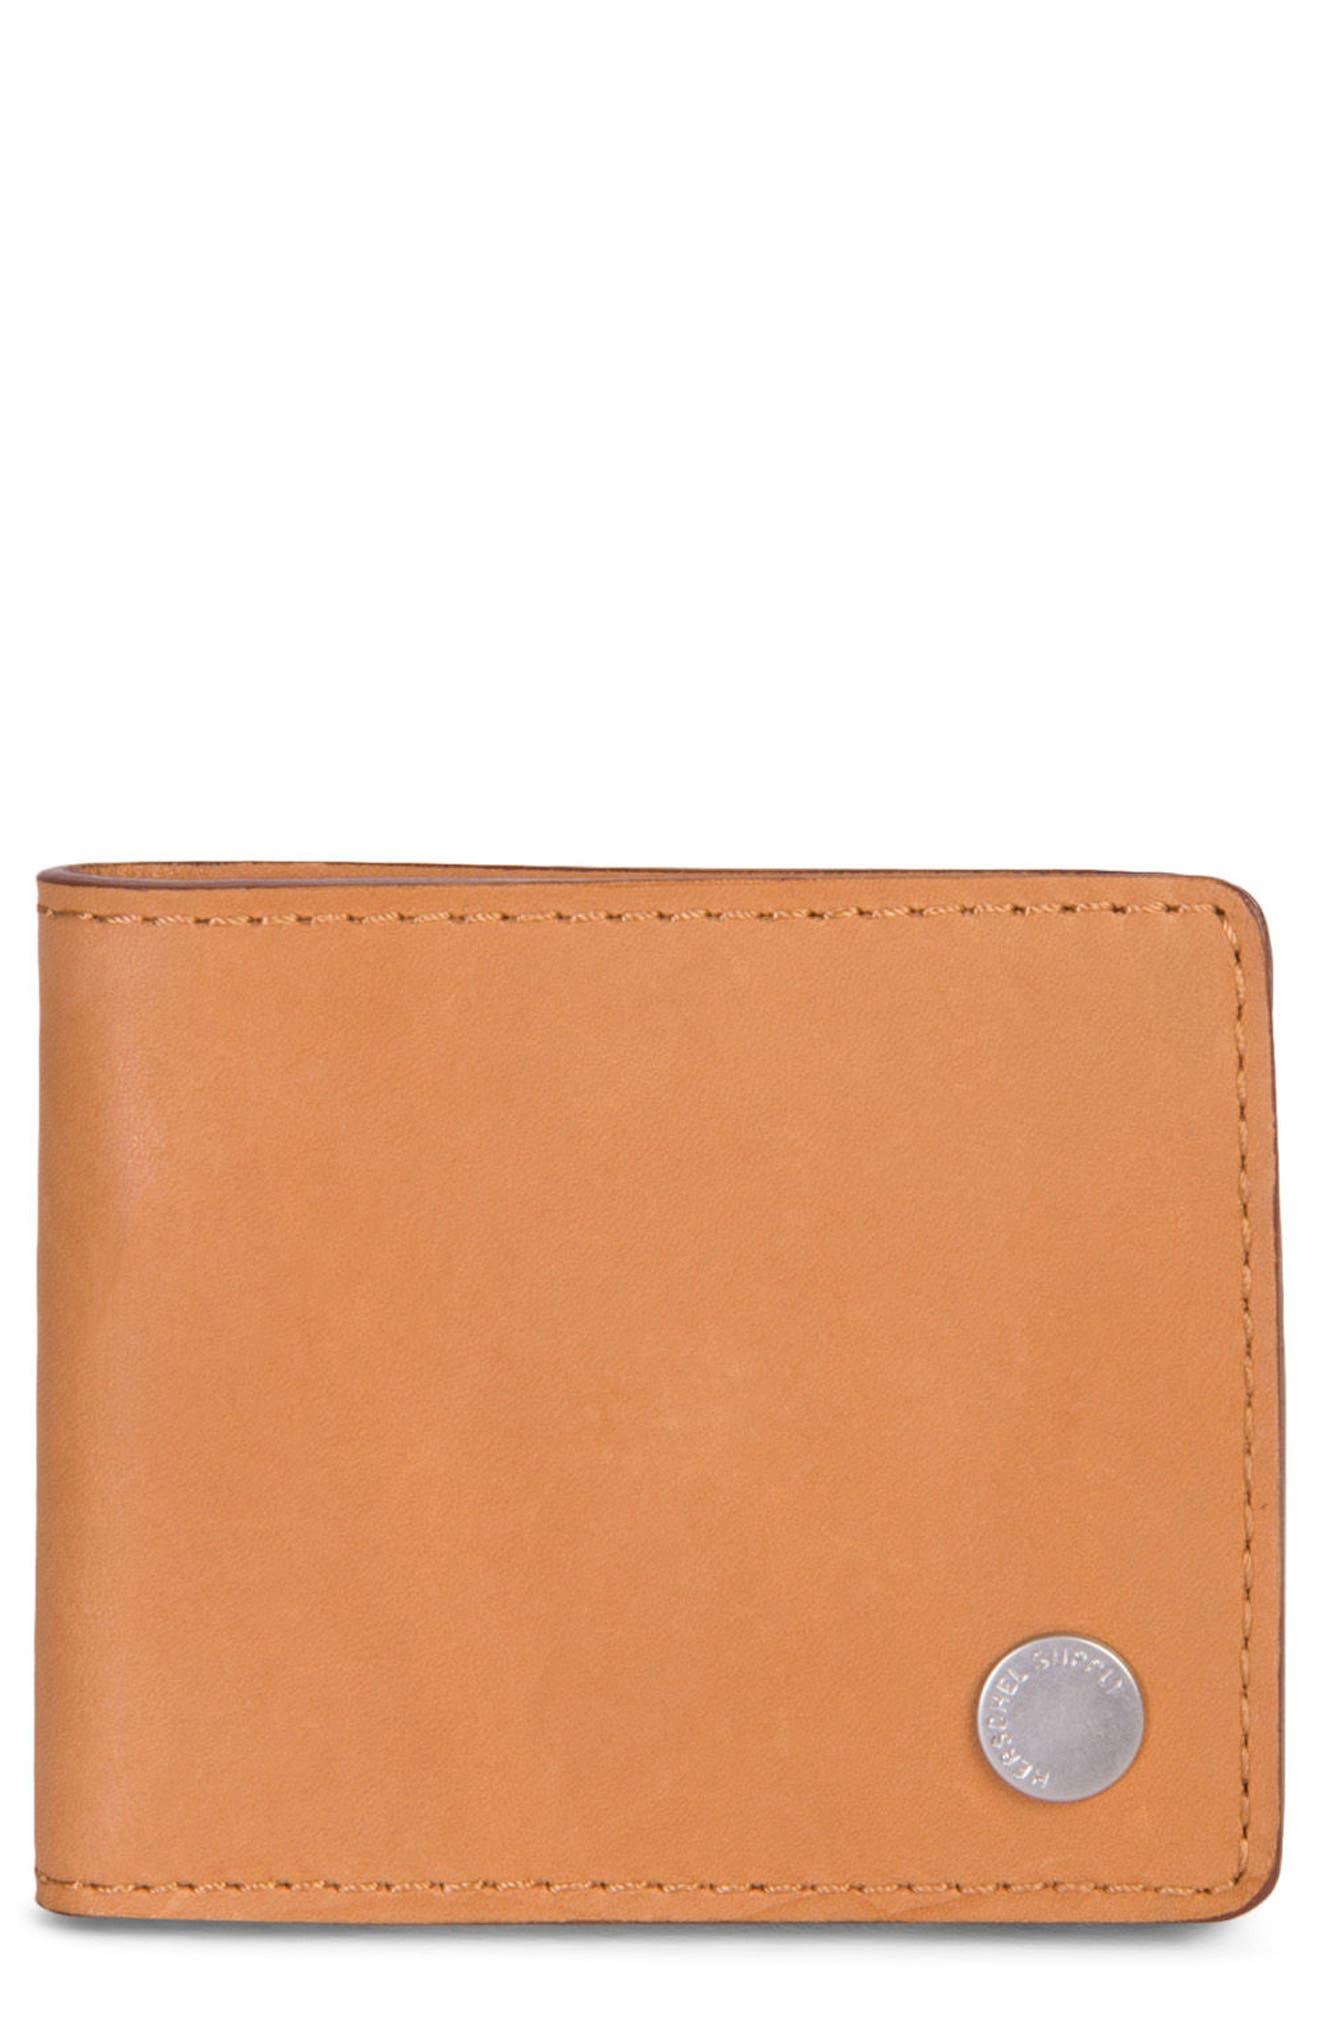 Vincent Saddle Leather Wallet,                         Main,                         color, Tan